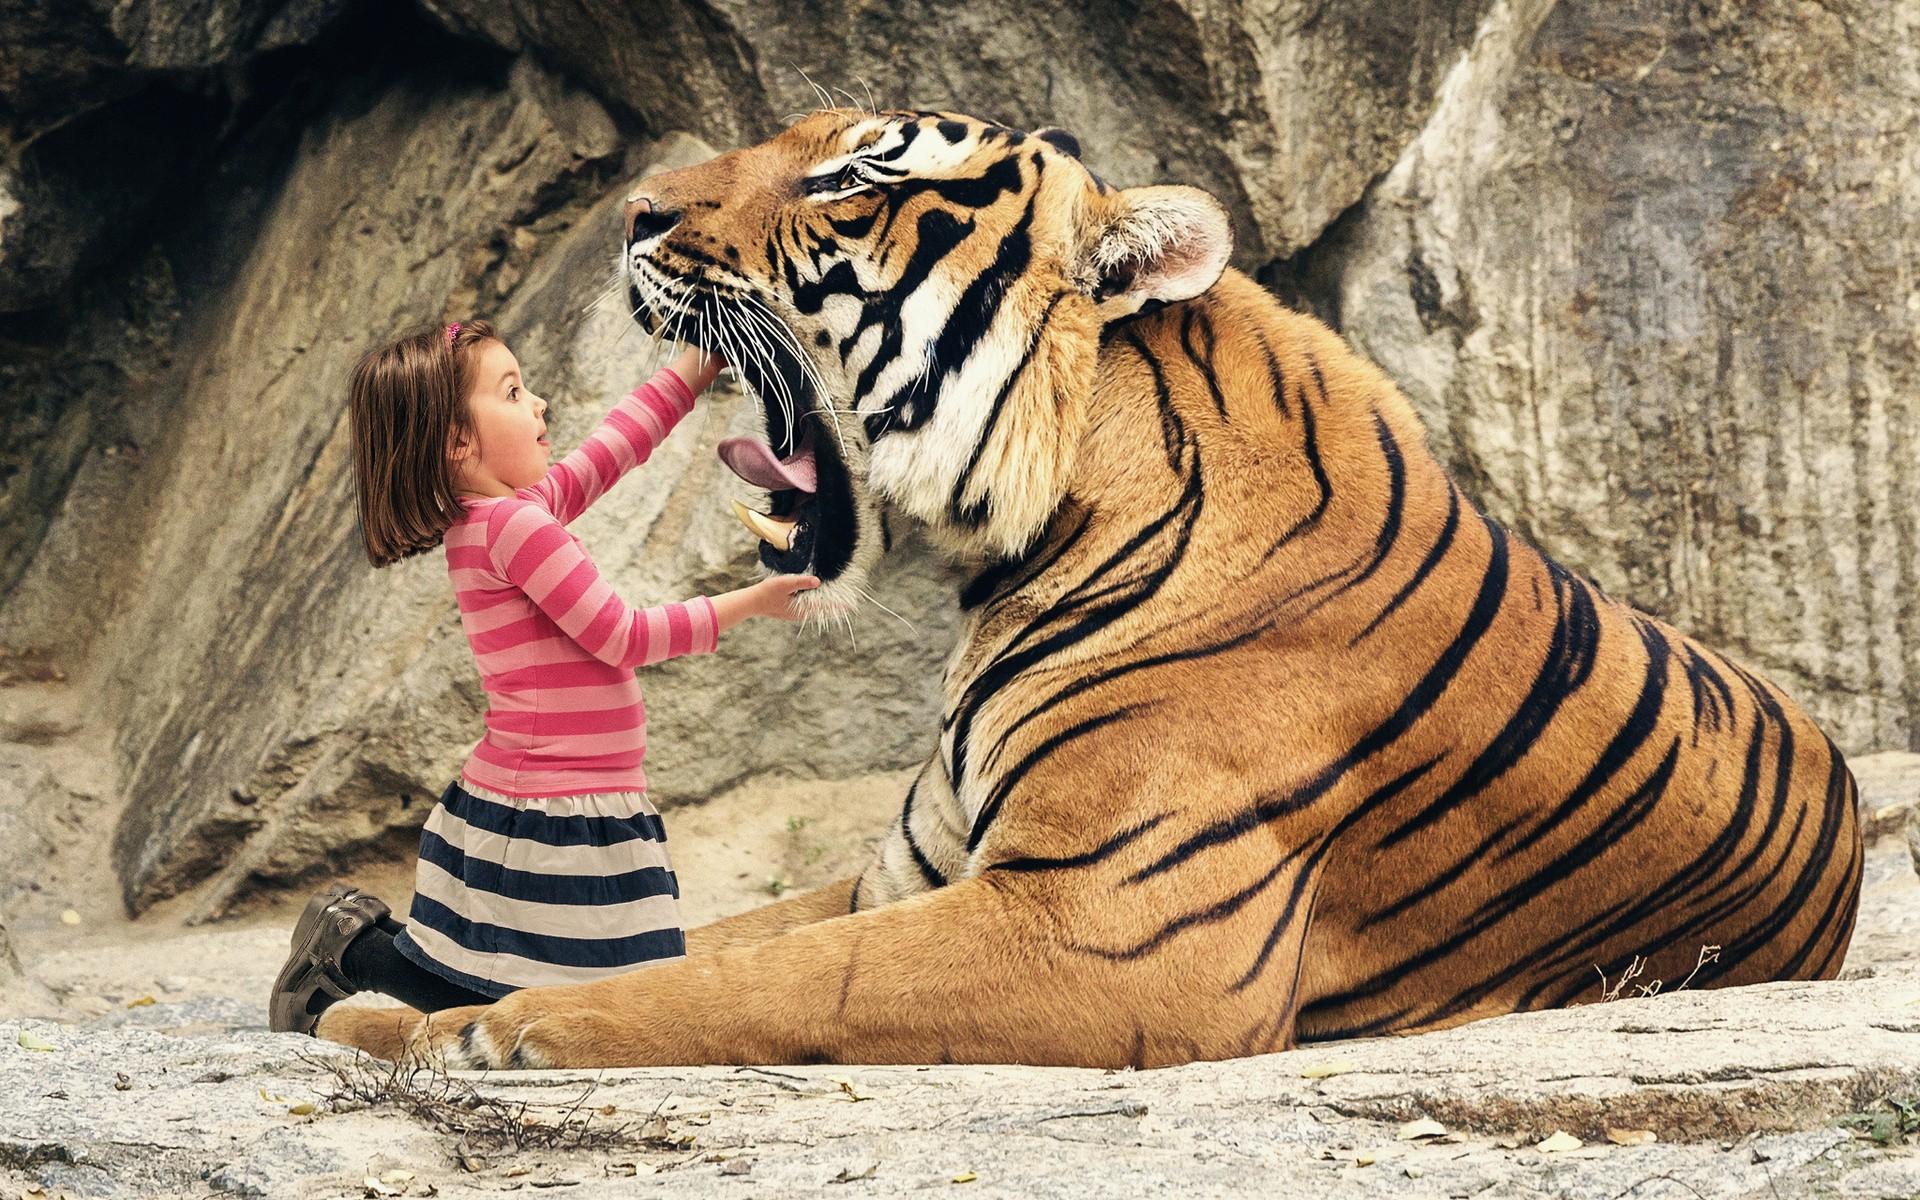 Desktop Hd Tiger Attack Pics: A Bit Curious, And A Bit Afraid Full HD Wallpaper And